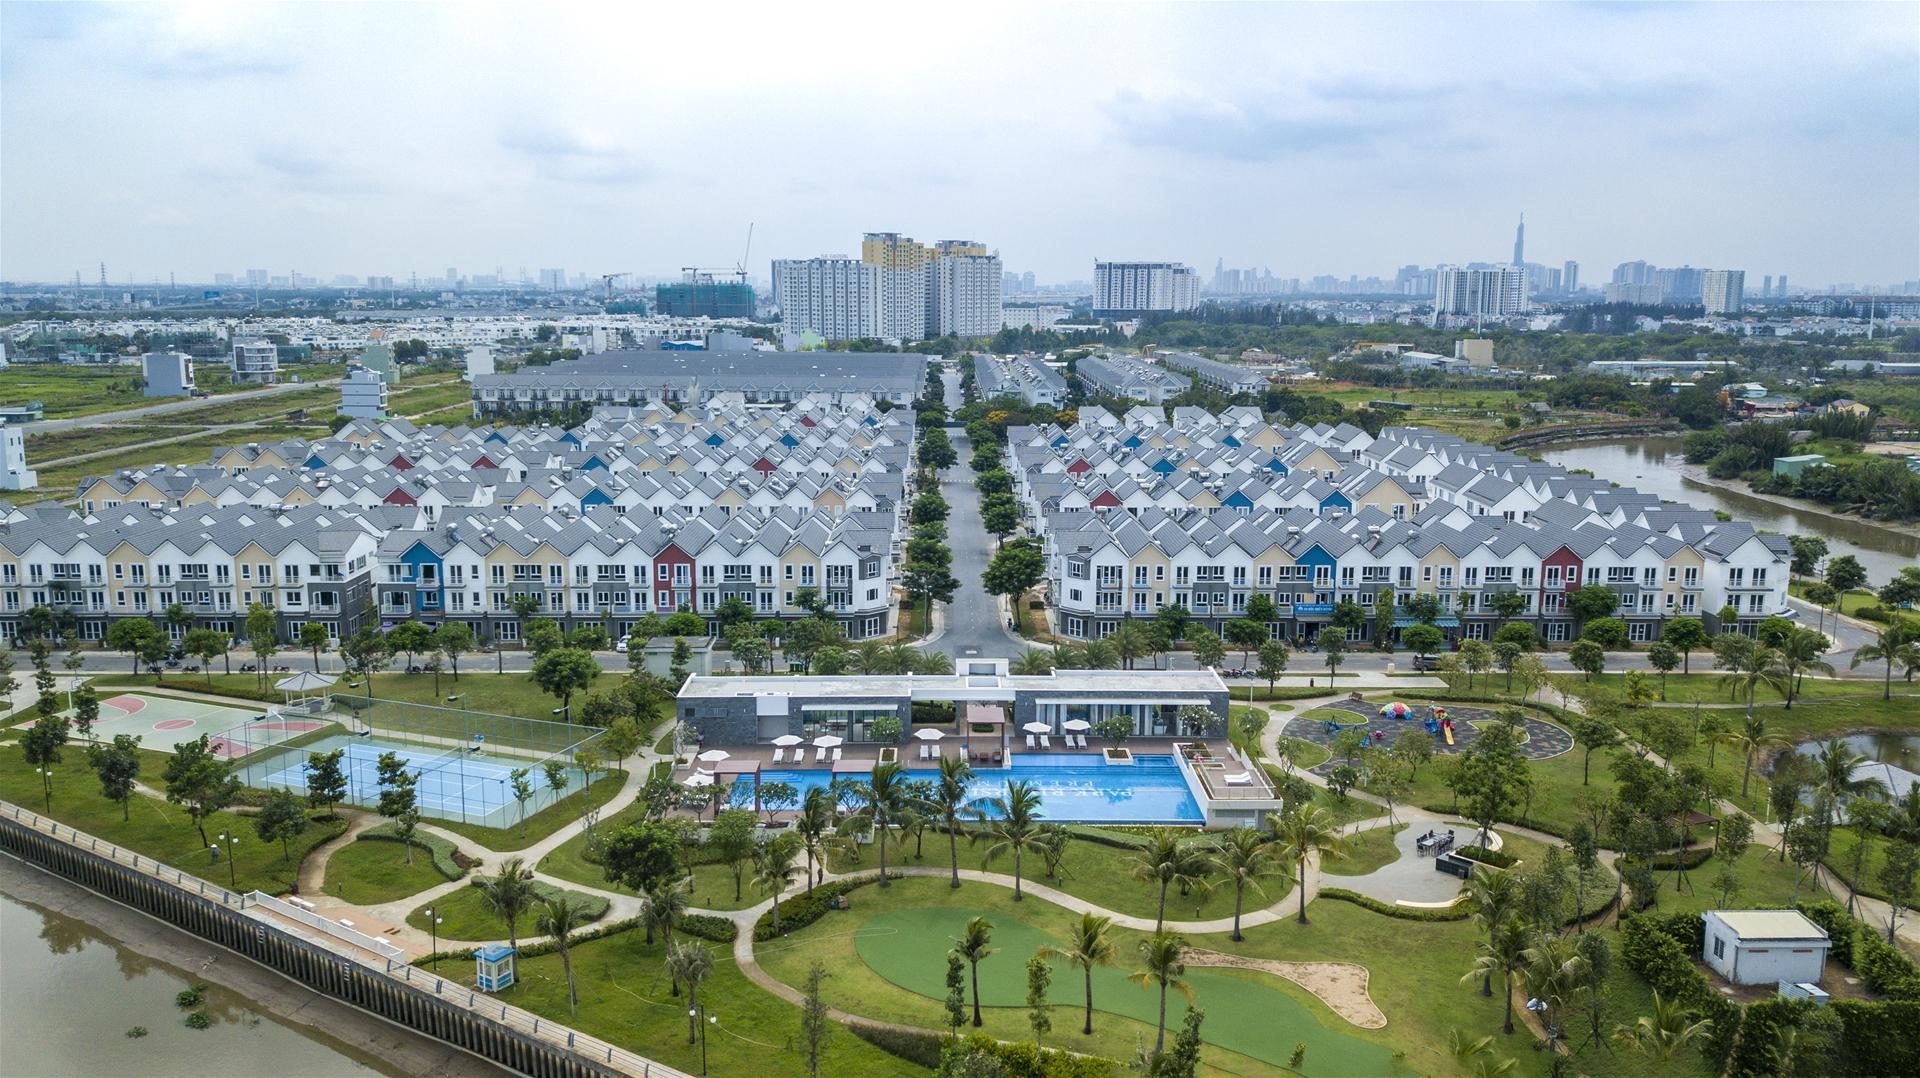 Khám phá những căn hộ kề bên vườn xanh trong lòng phố thị